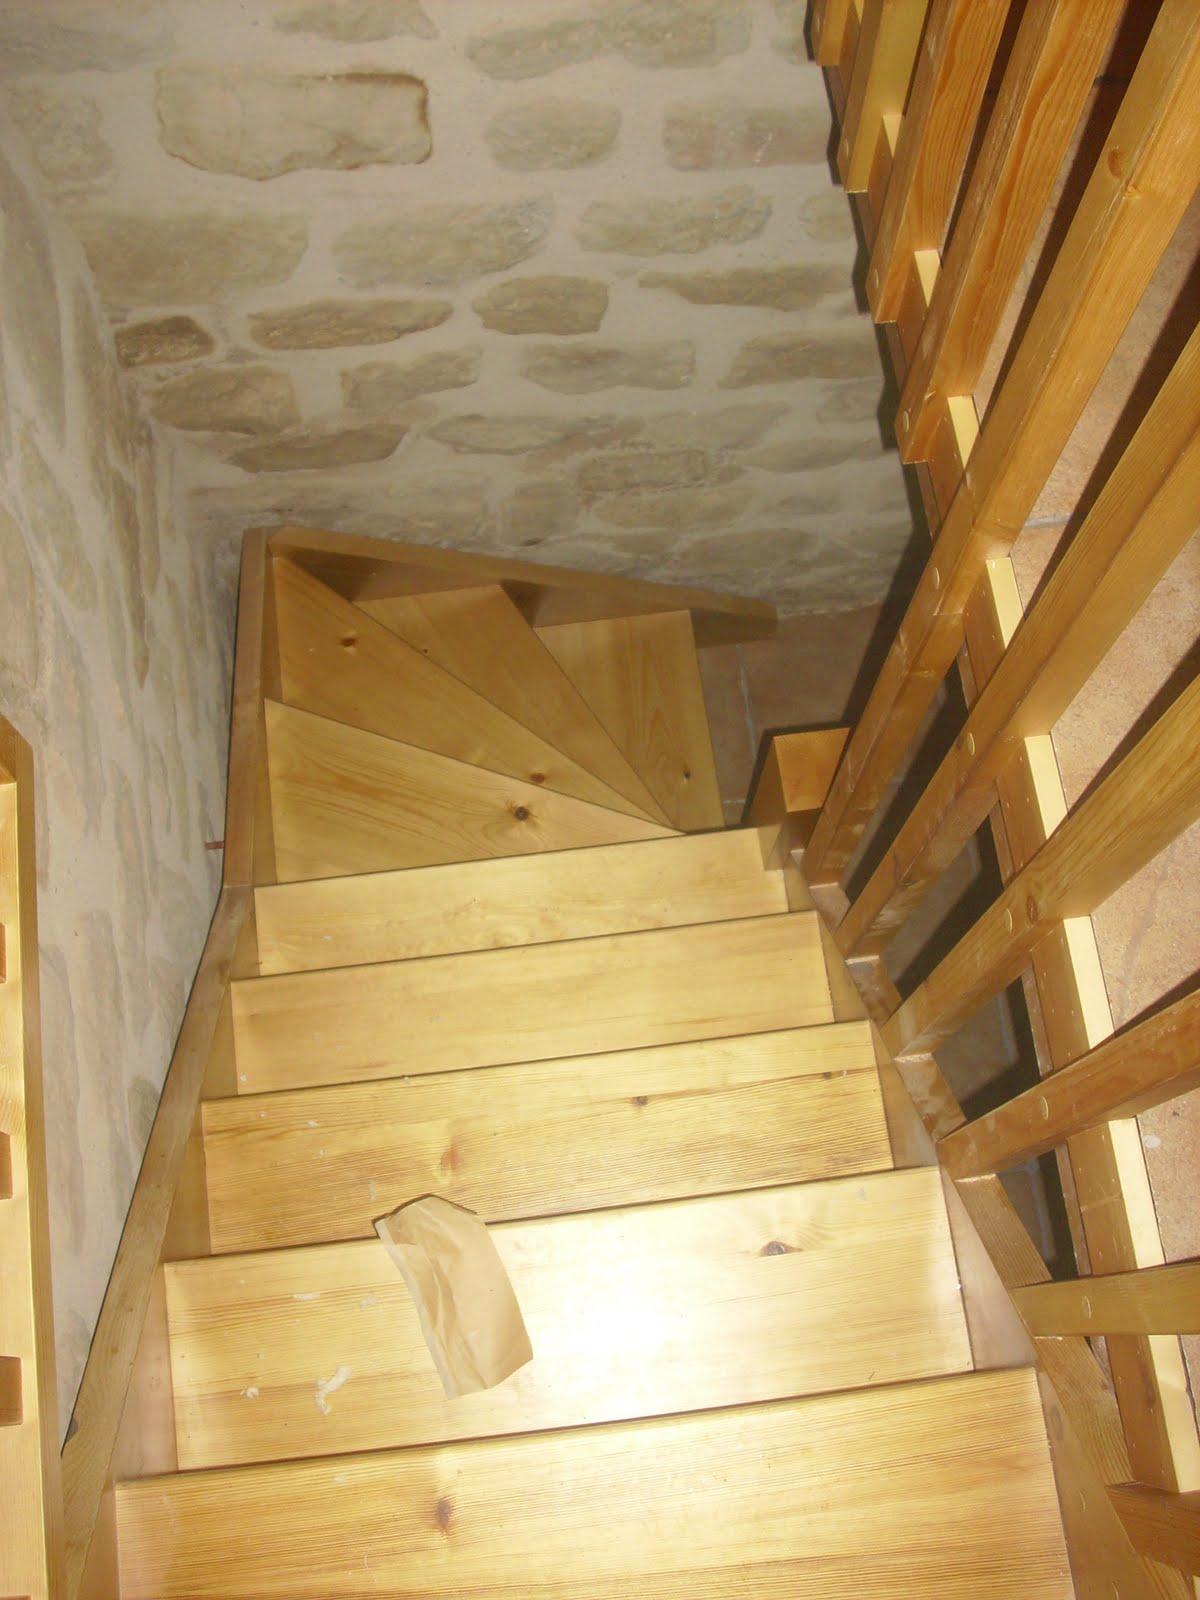 El carpintero otra escalera - Escaleras para sotanos ...